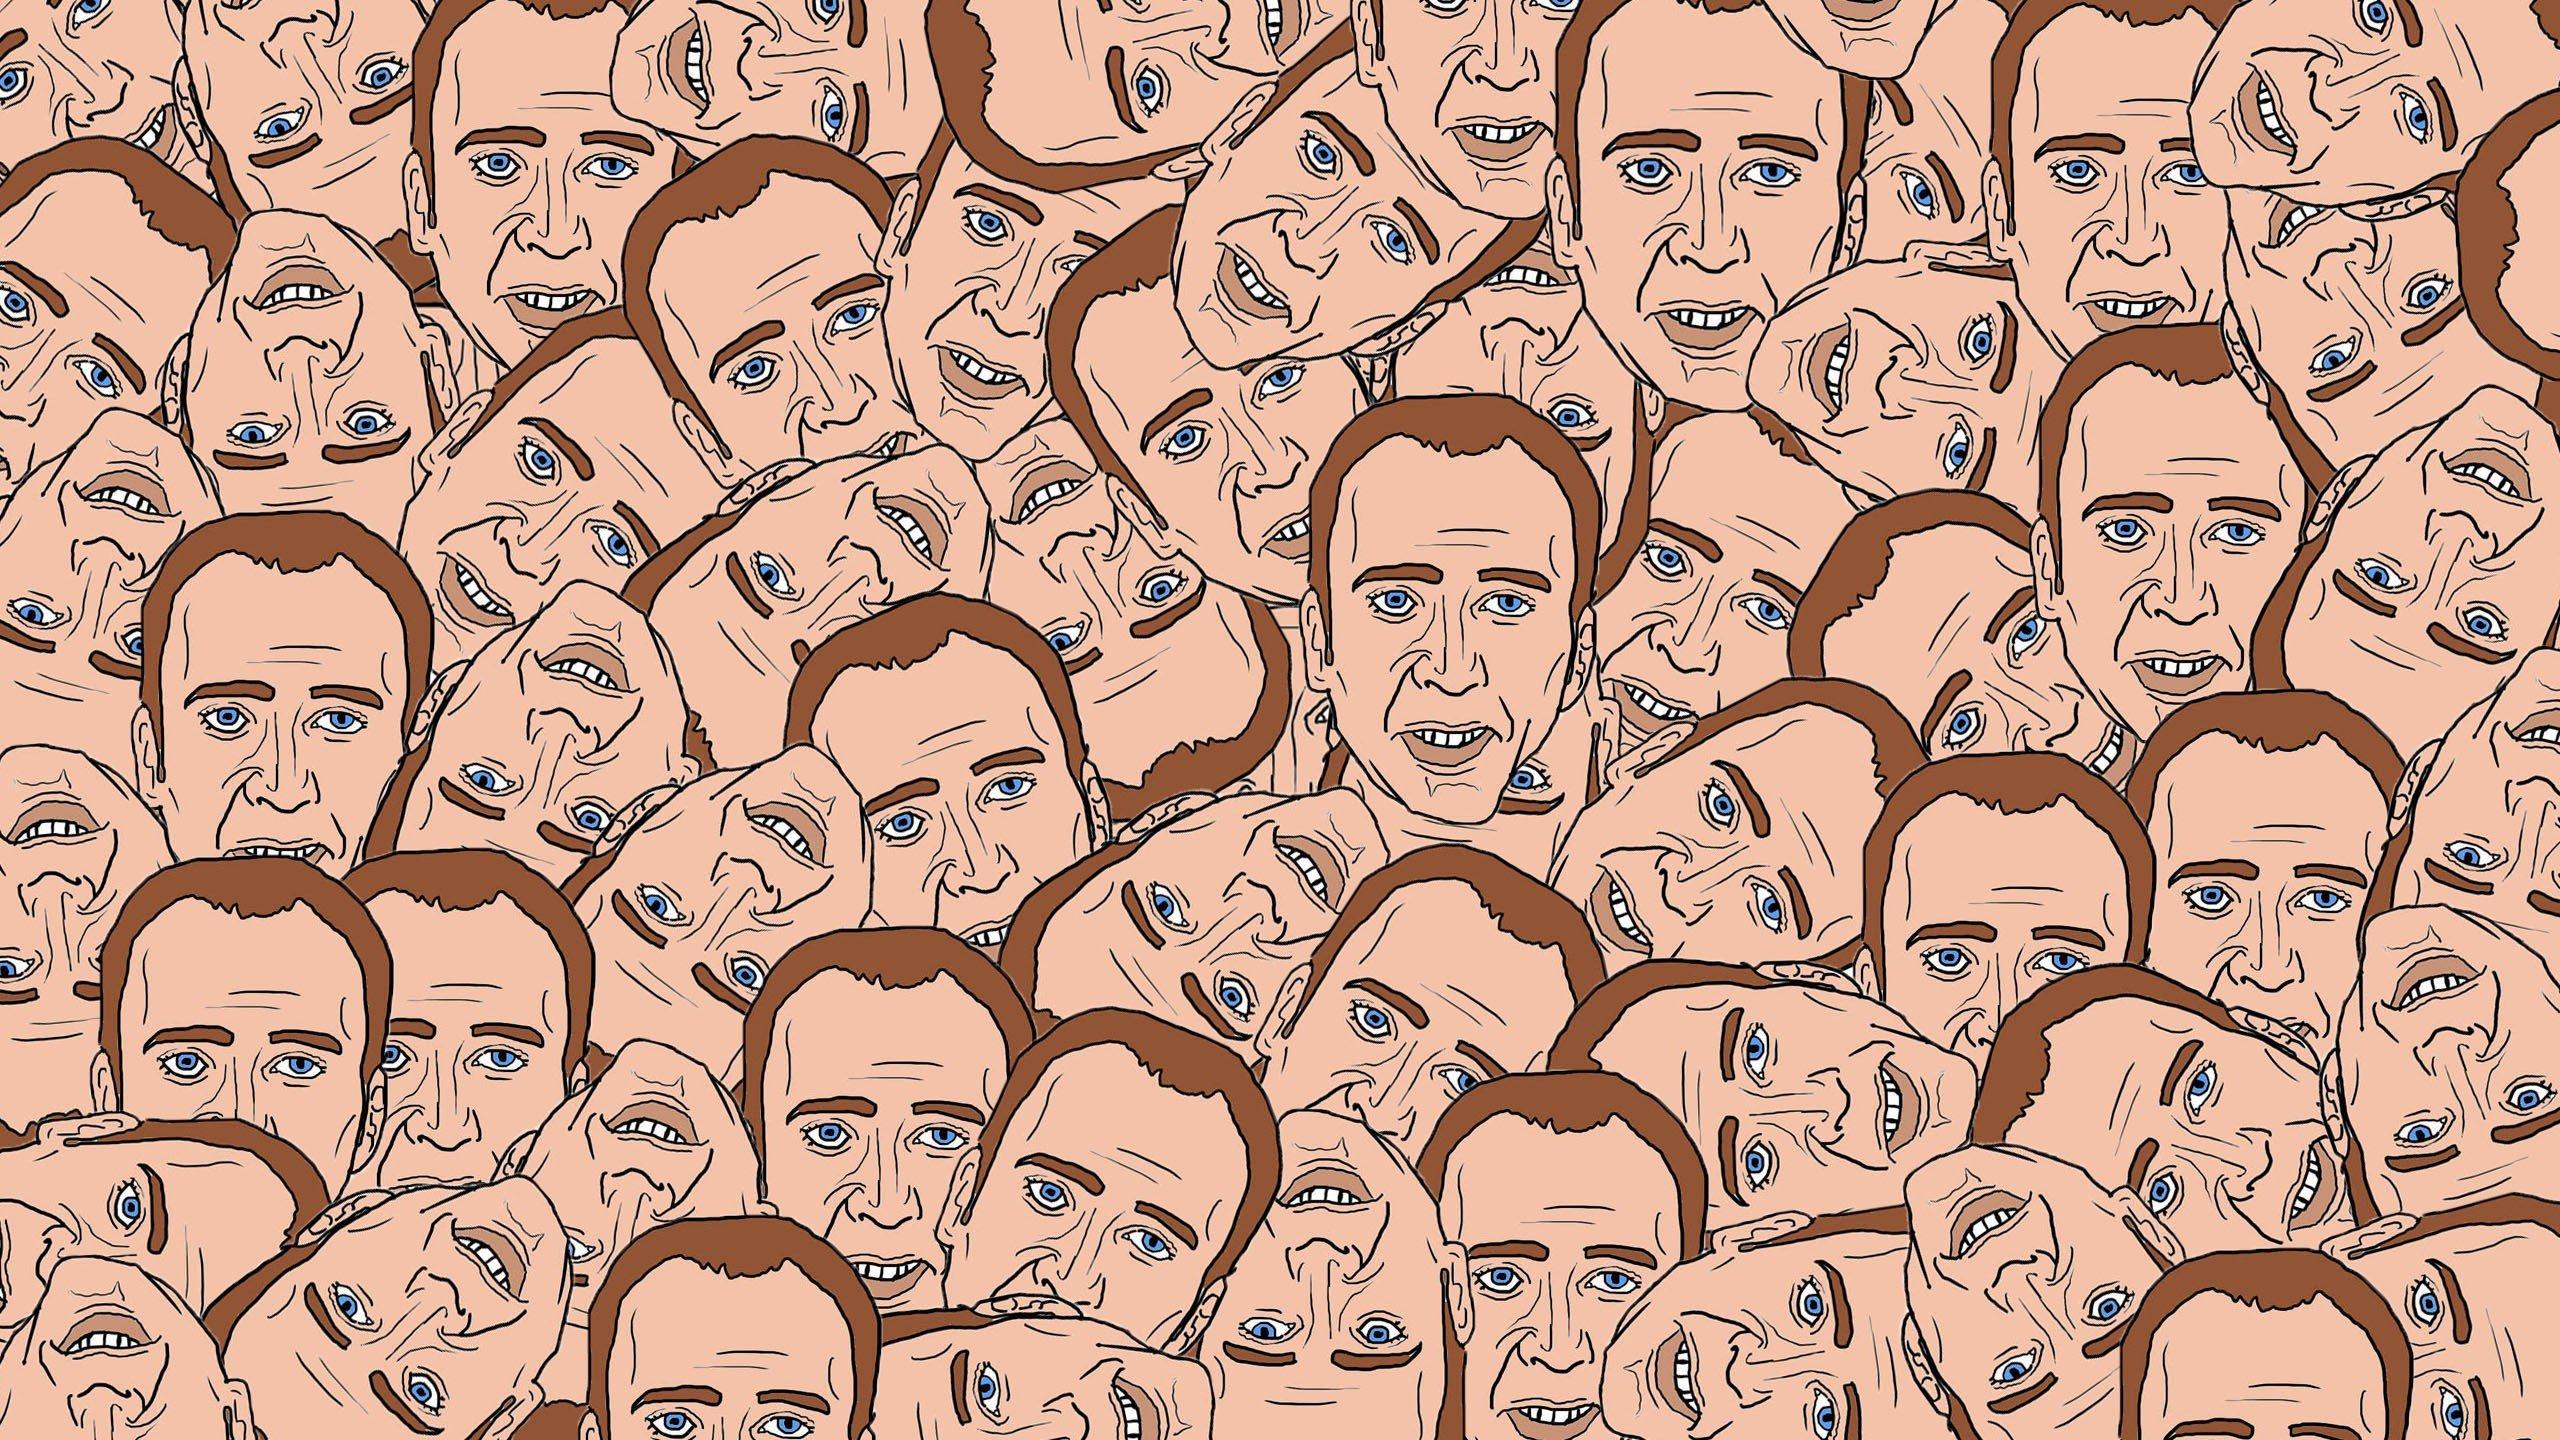 Creepy WTF funny head disturbing Nicolas Cage wallpaper 2560x1440 2560x1440